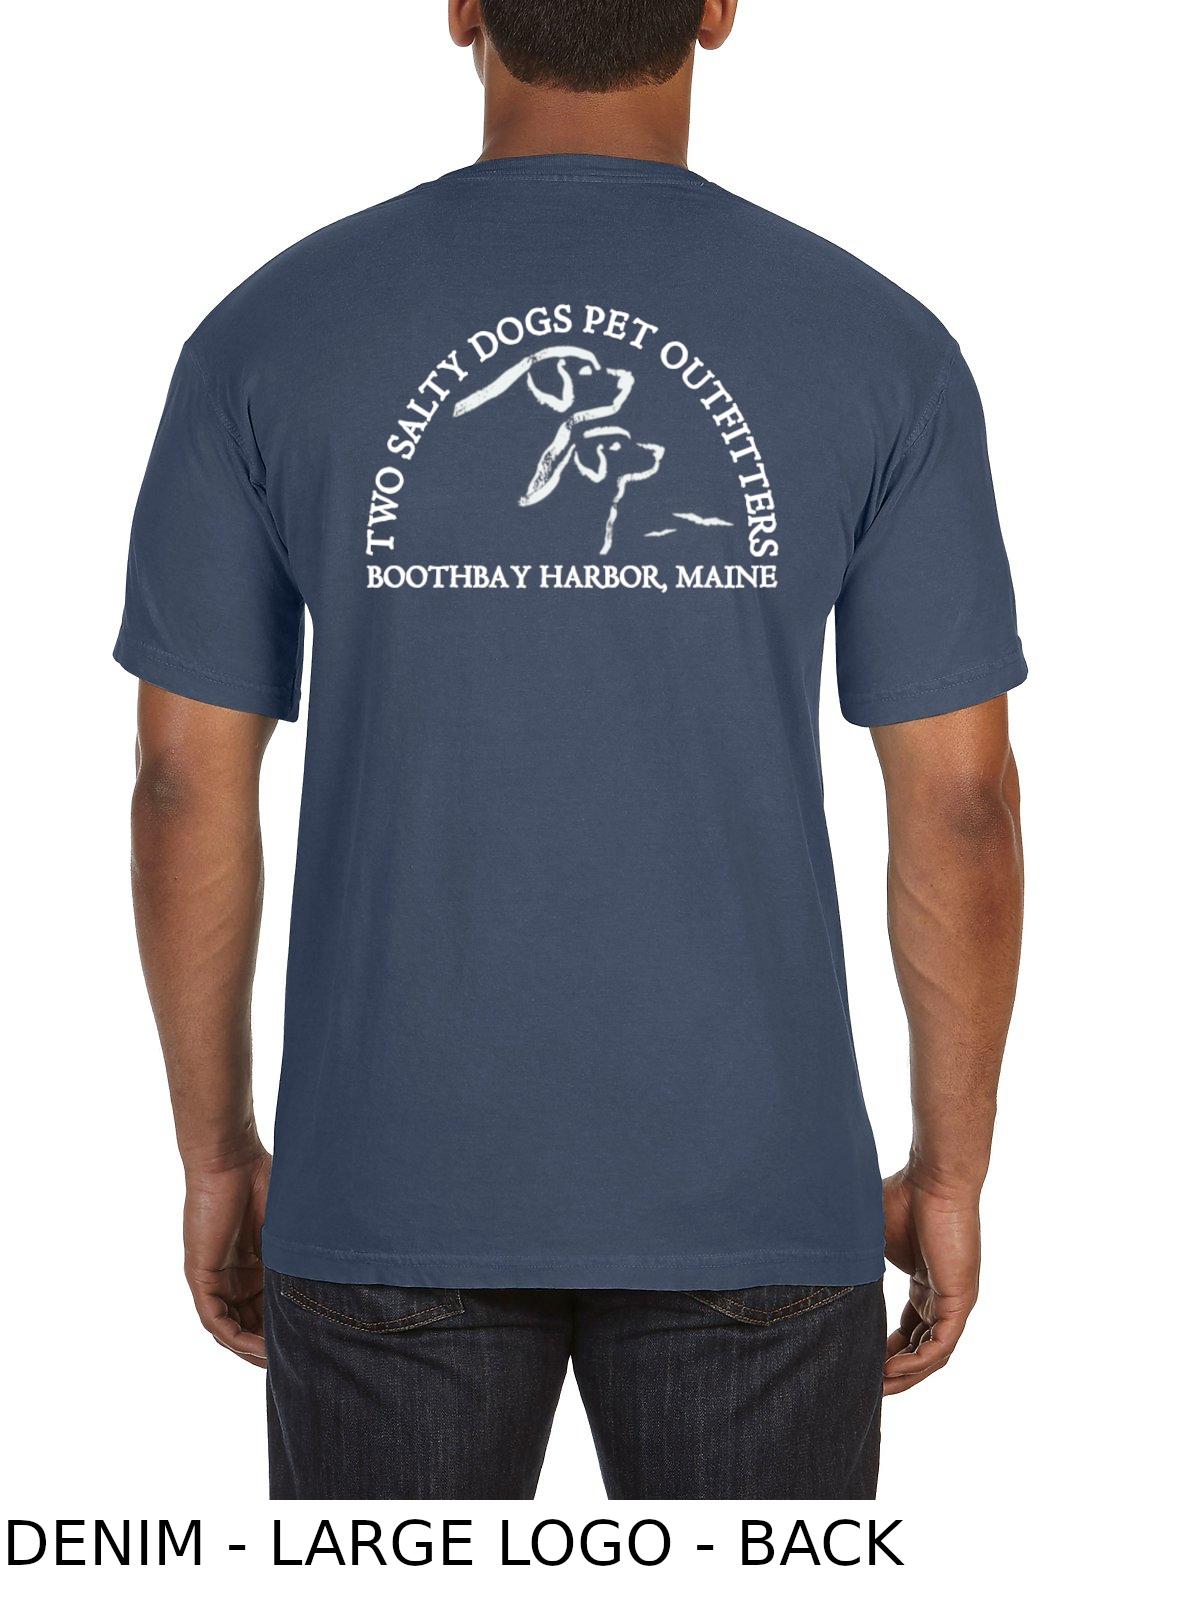 bbha-ss-t-shirt-pocket-denim-back